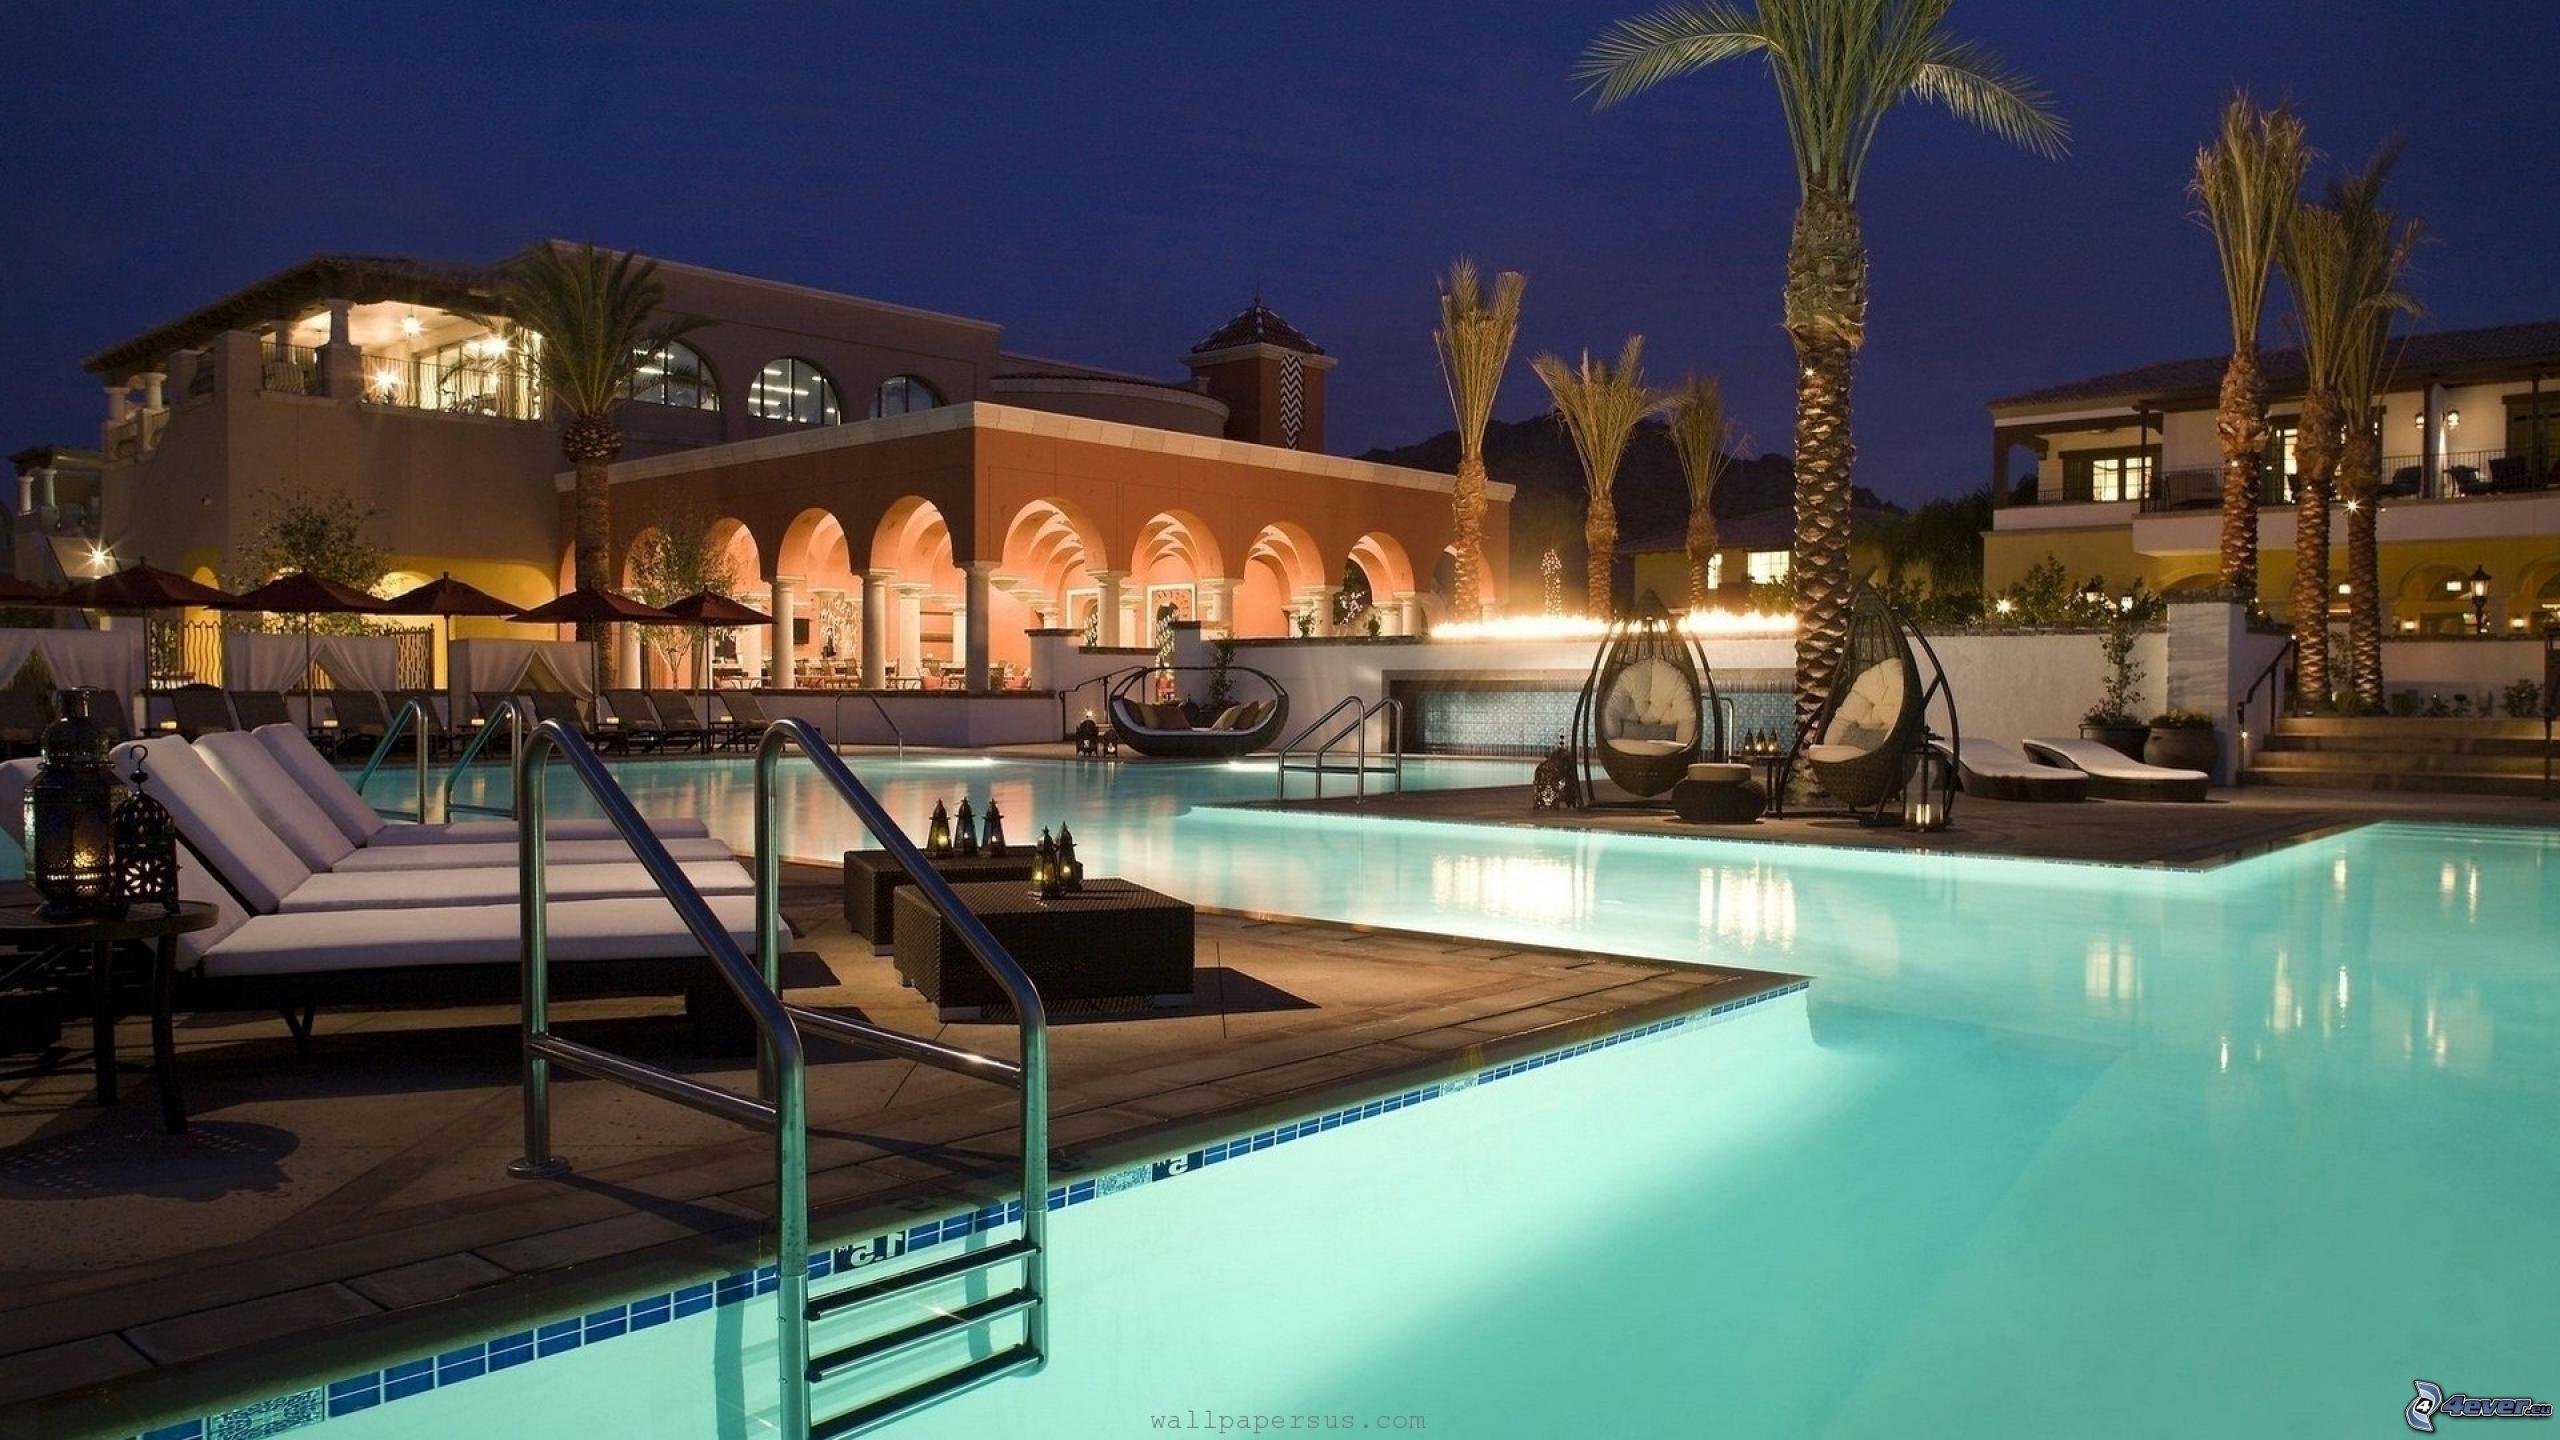 Casa di lusso - Immagini di piscina ...